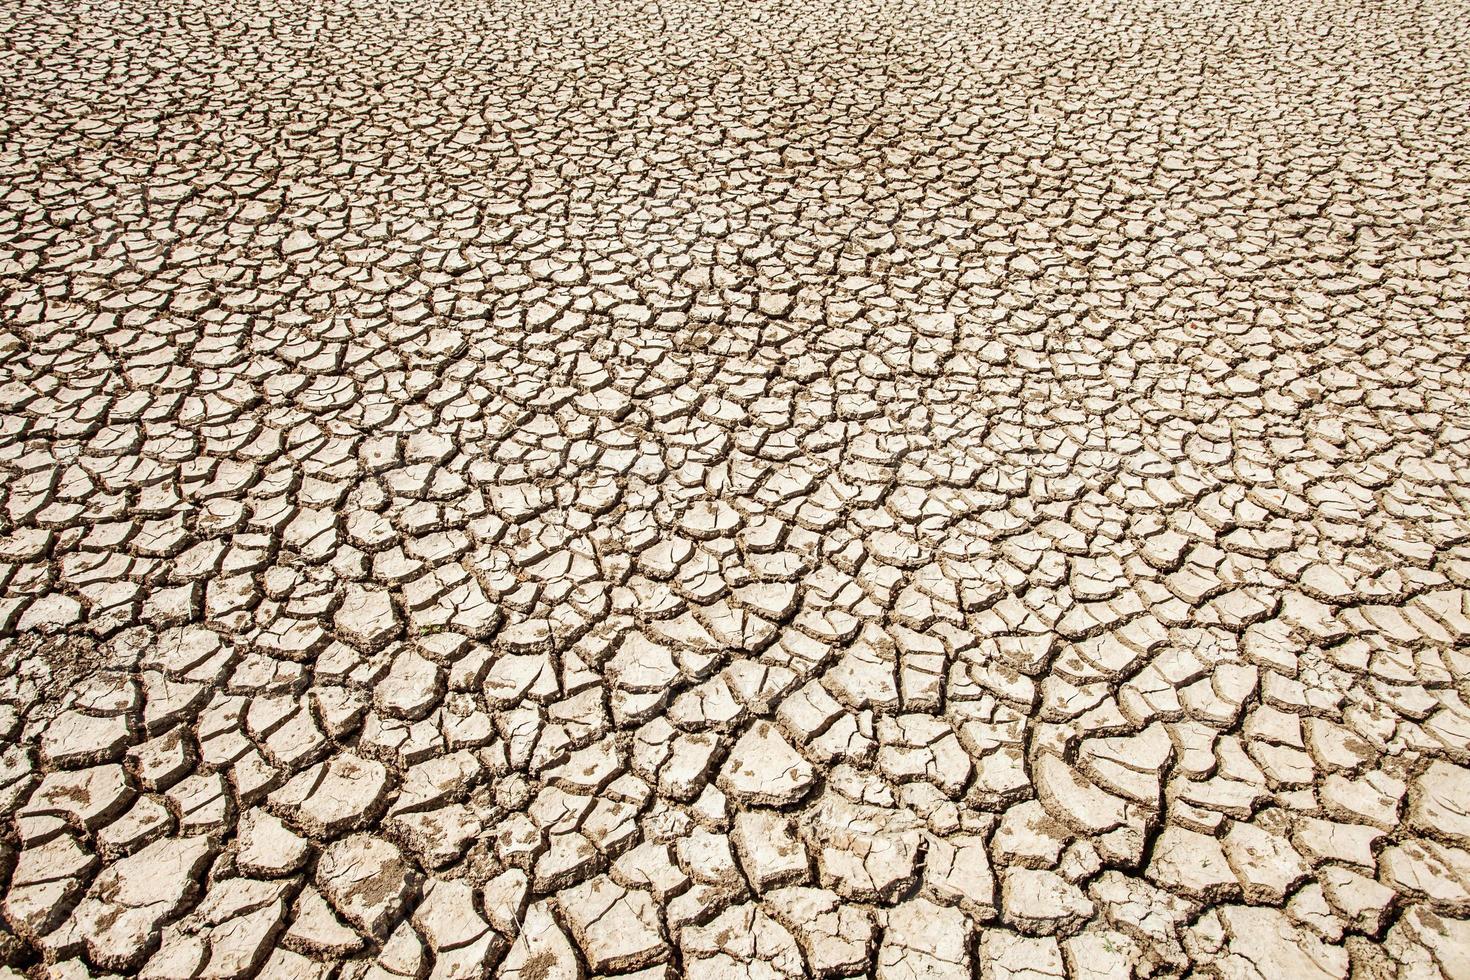 grond breken met hete zomerseizoen foto